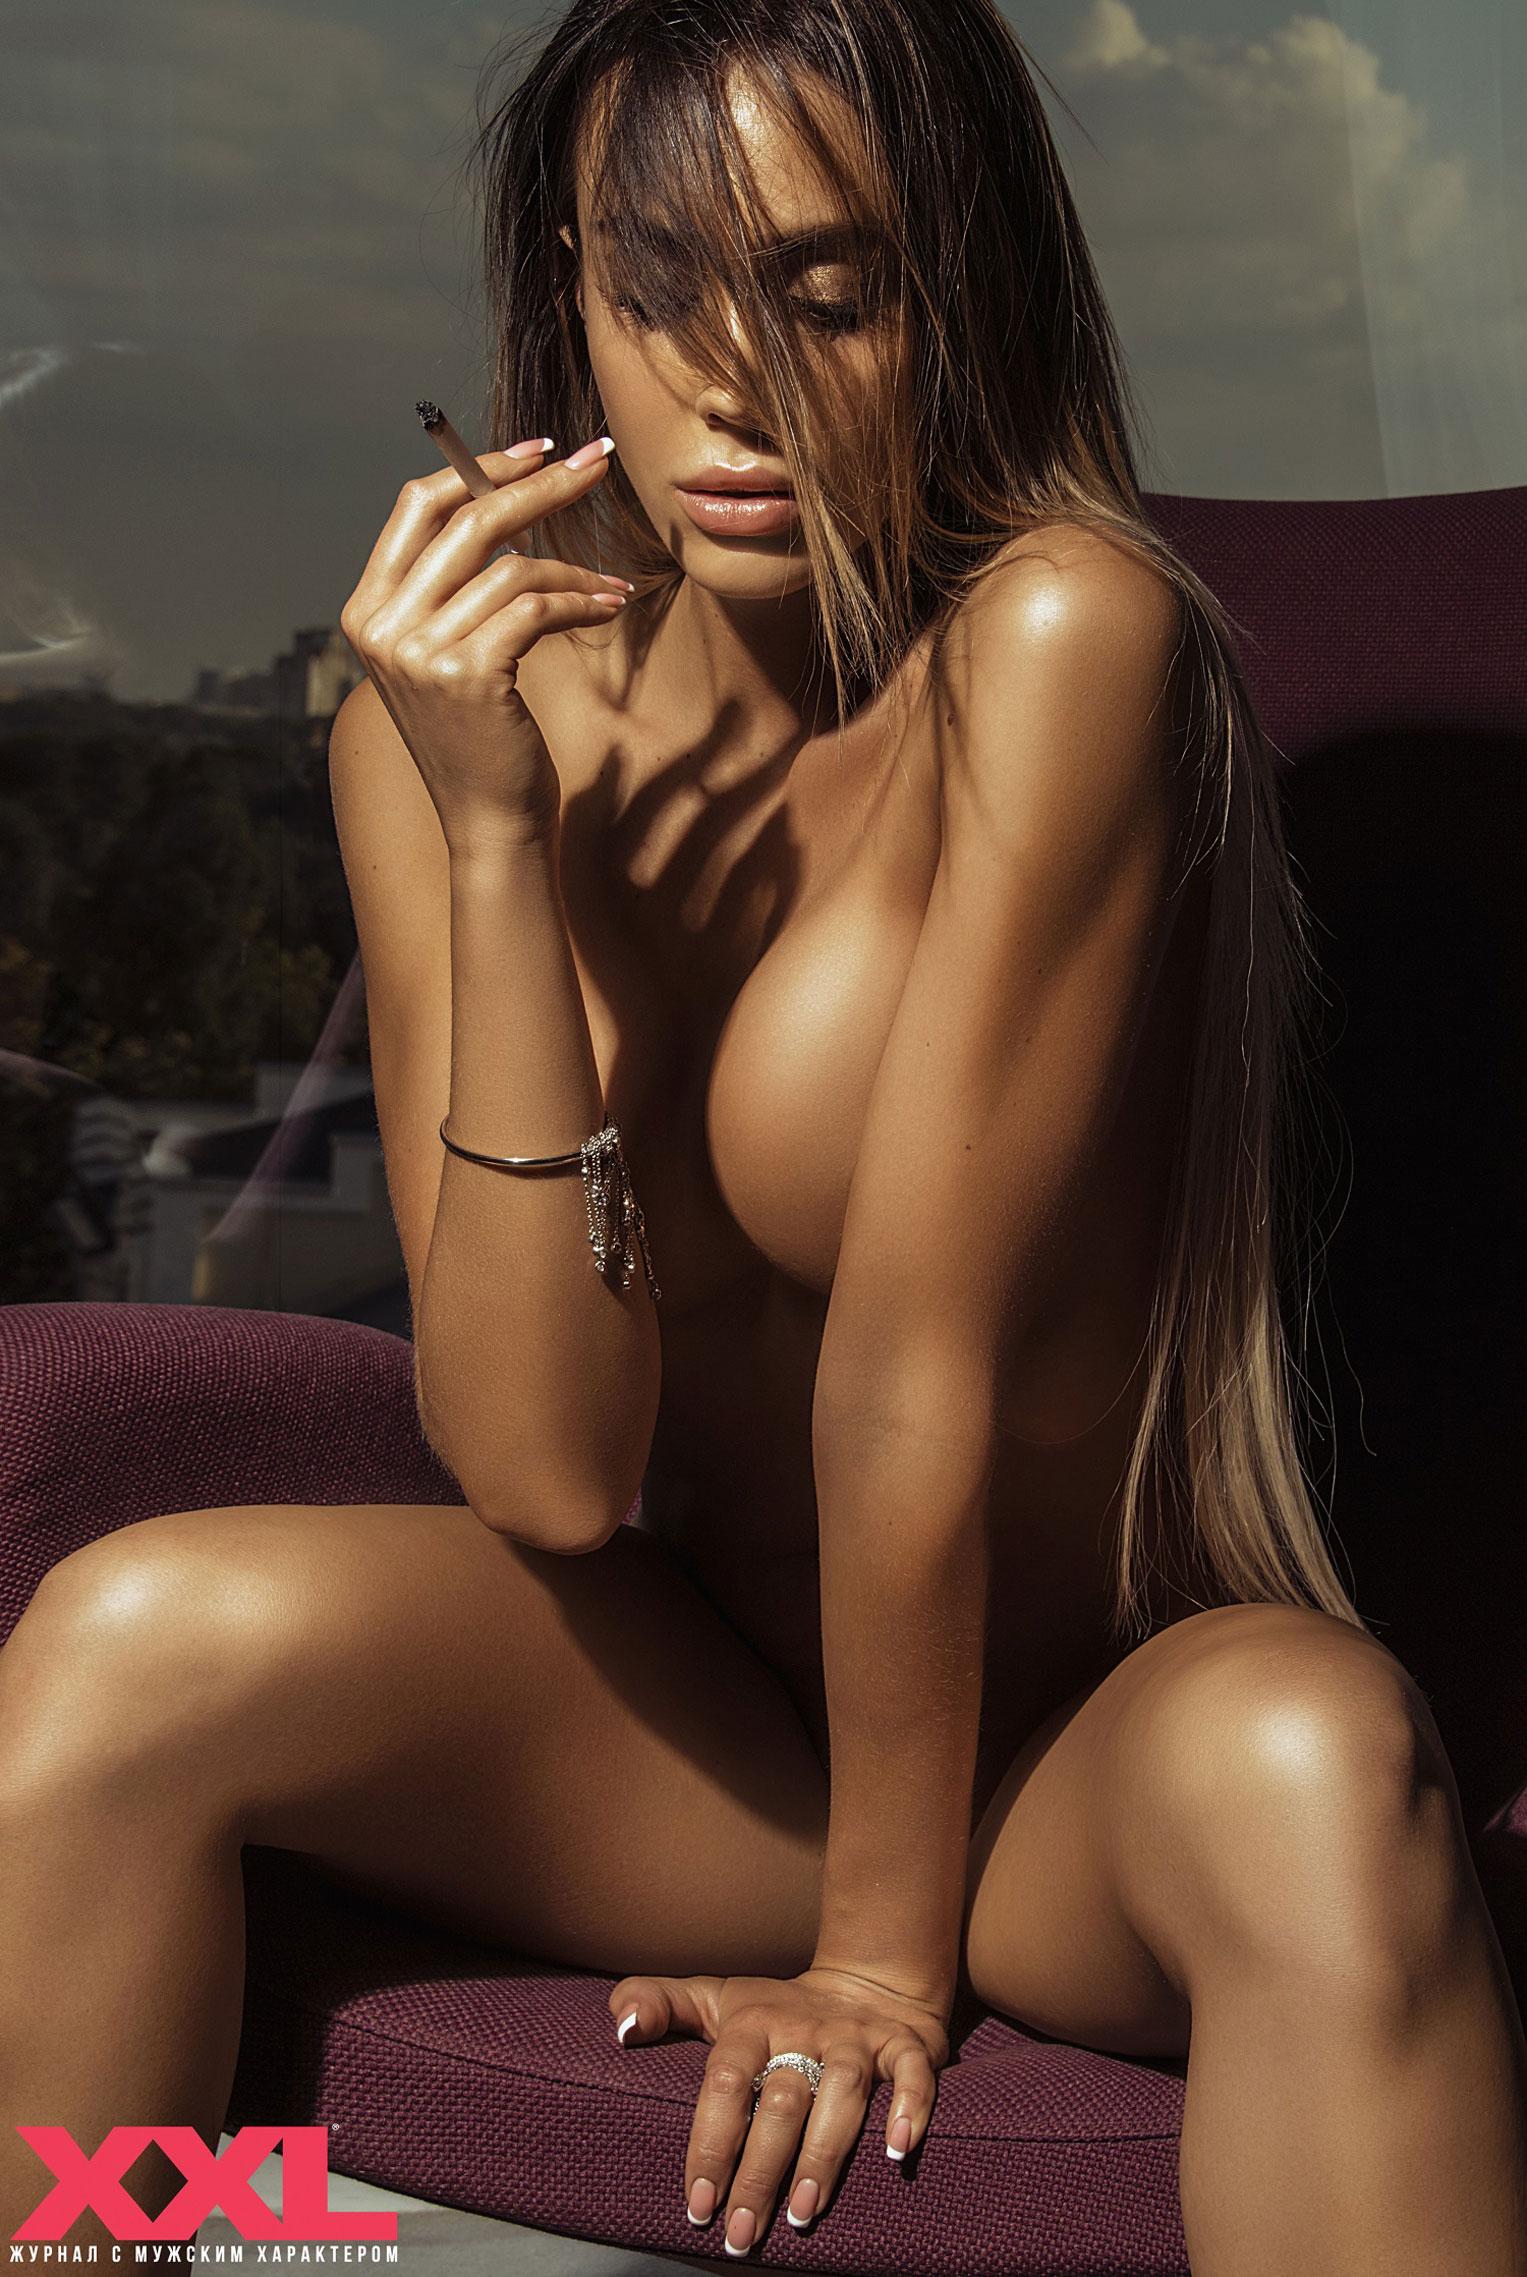 Актриса, модель и телеведущая Эмма Ди голая в мужском журнале XXL / фото 11